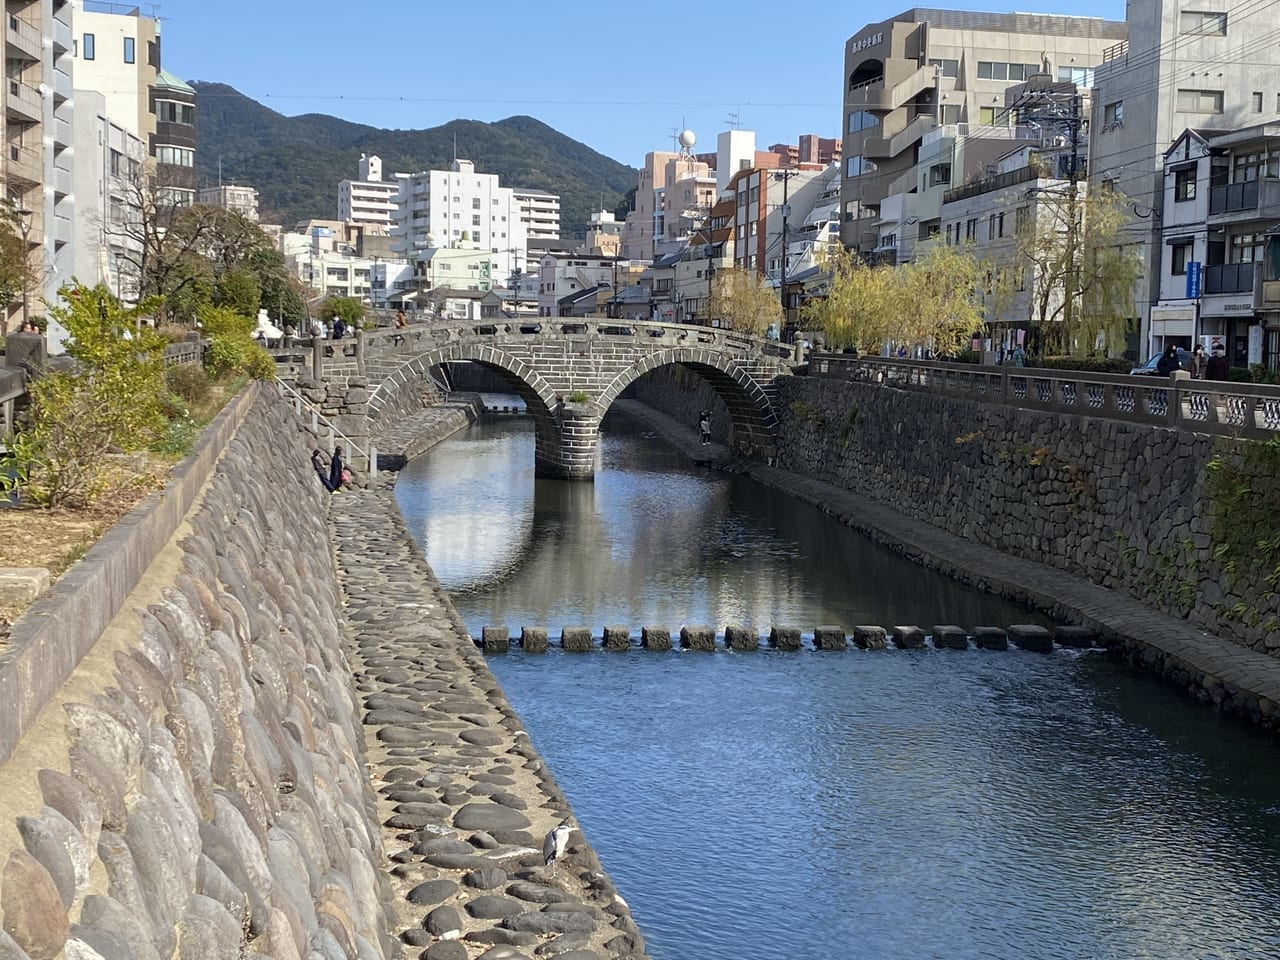 長崎市の代表的な観光地 眼鏡橋